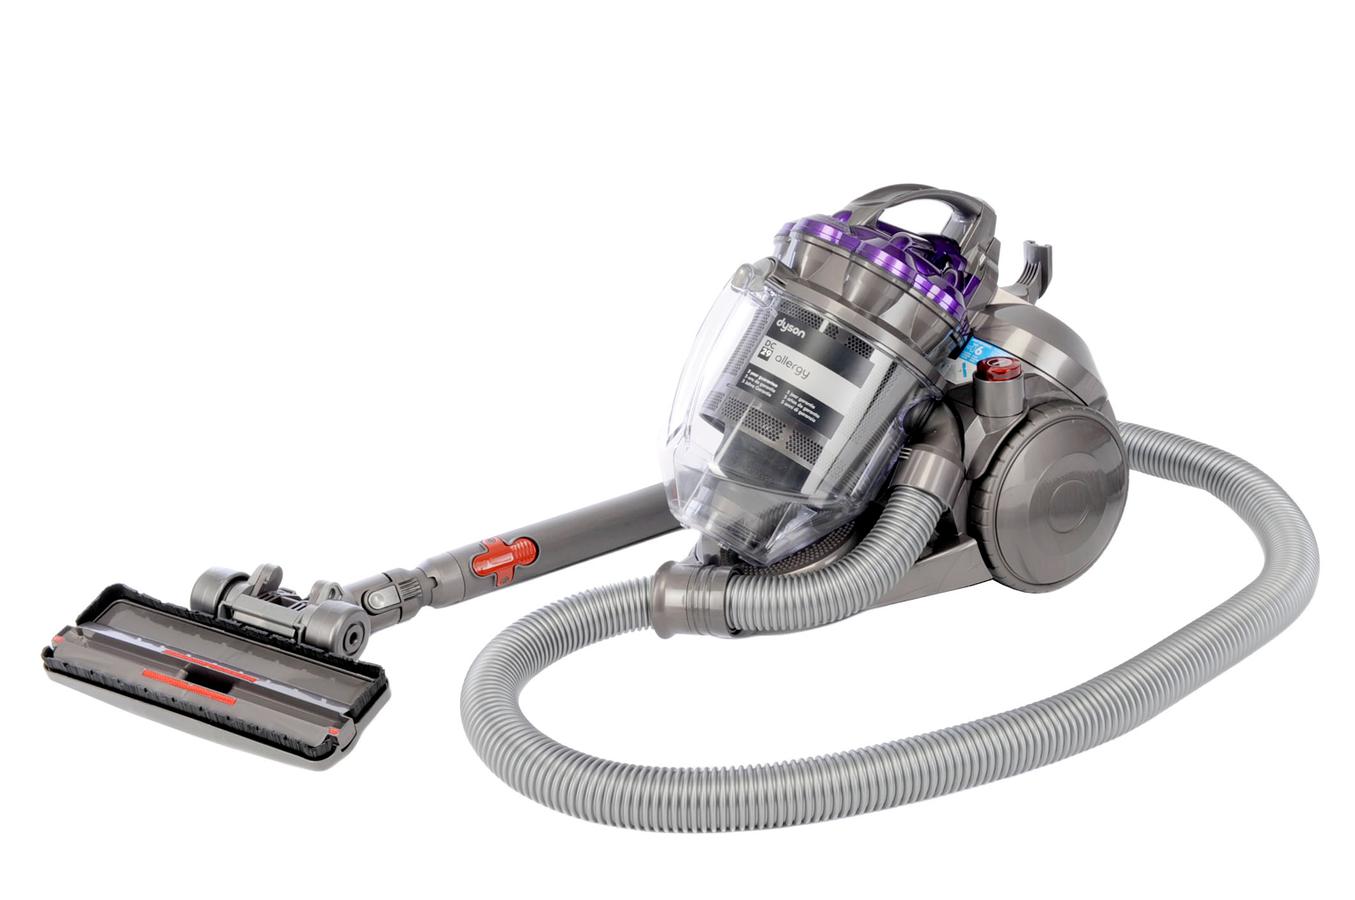 Prix aspirateur dyson sans fil aspirateur sans fil dyson - Aspirateur sans fil darty ...